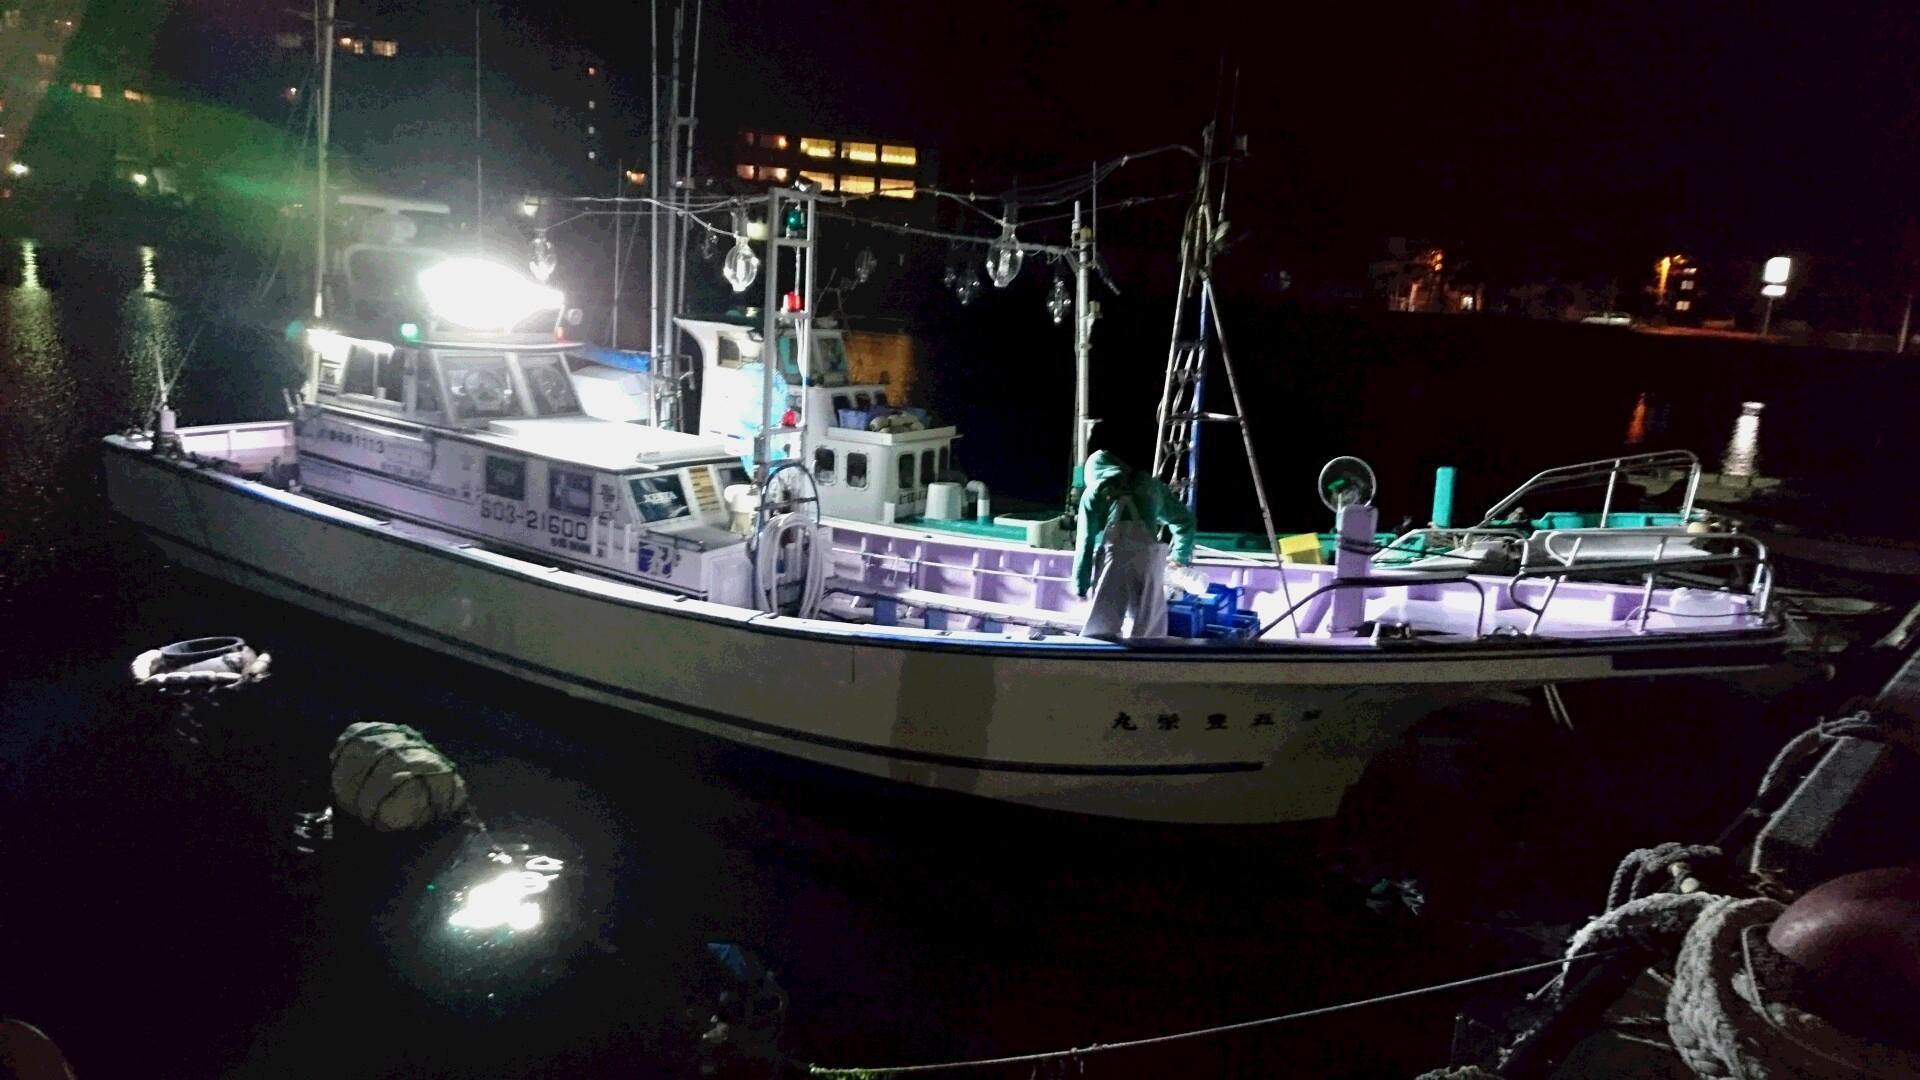 5月7日(土)夜釣り釣果